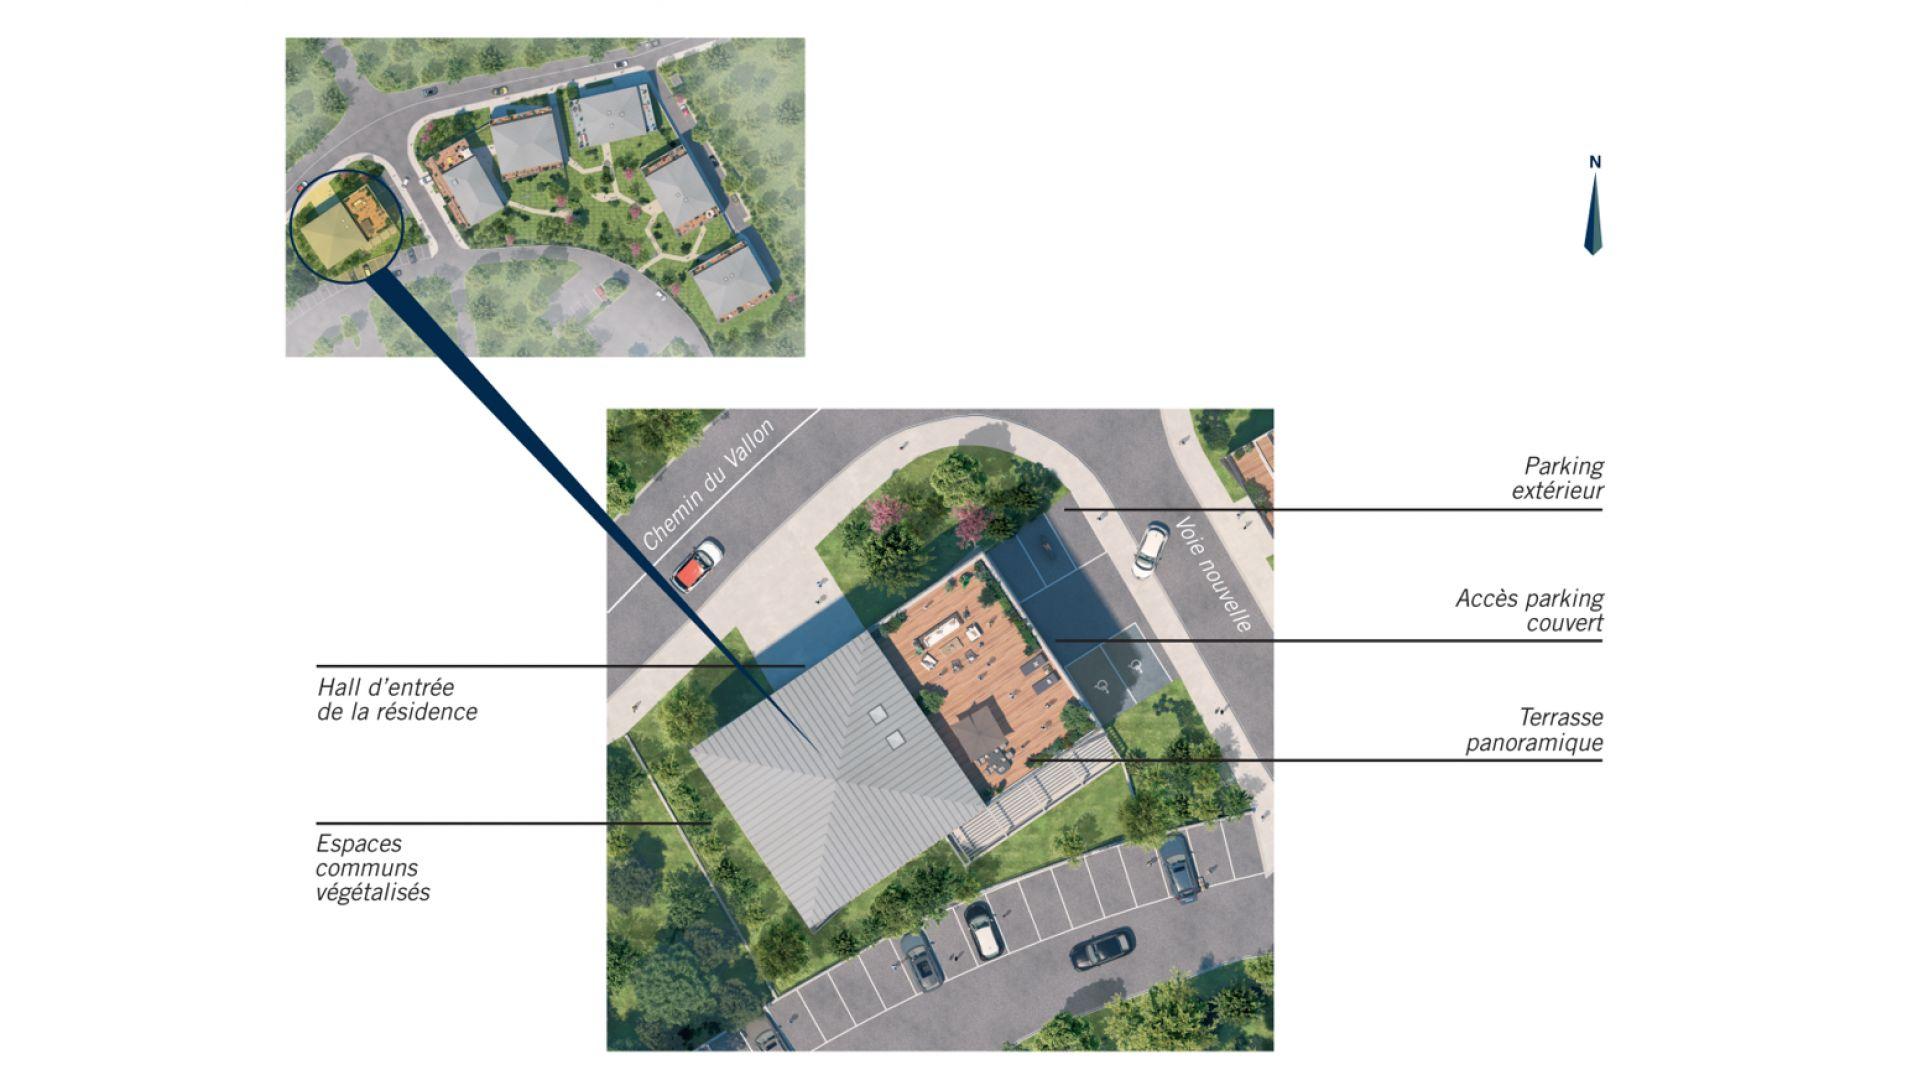 Greencity Immobilier - Résidence Parc du Vallon - 31200 Toulouse Pouvourville - a vendre appartements du T2 au T5 - plan de masse